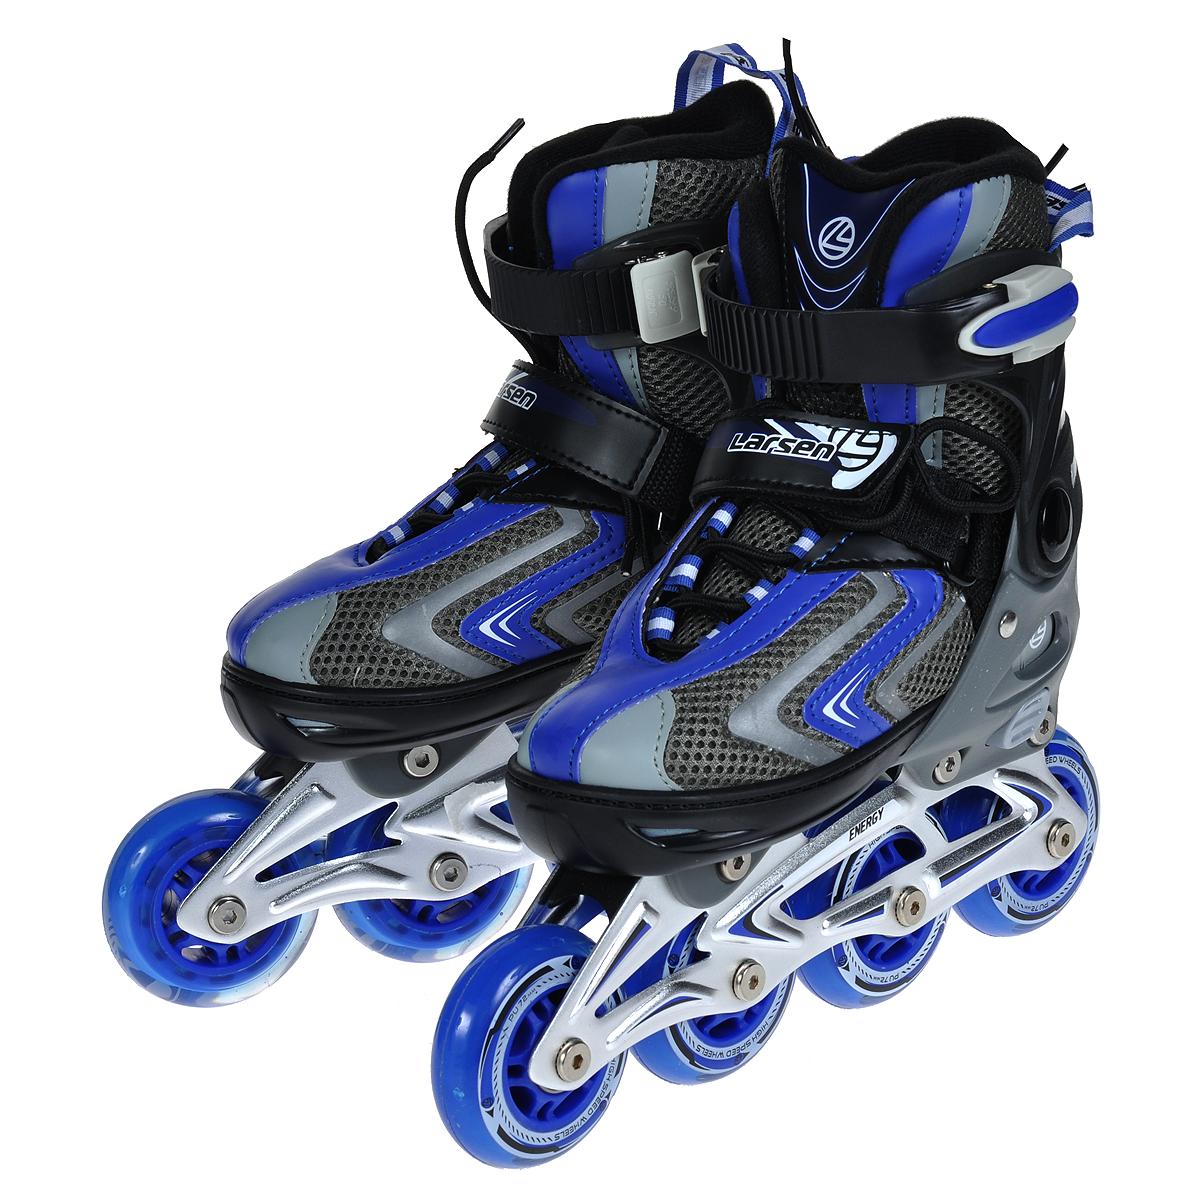 Коньки роликовые Larsen Energy, раздвижные, цвет: синий. Размер XS (29/32)Energy BРаздвижные роликовые коньки Larsen Energy подарят чувство комфорта и уверенности во время движения. Особенностью роликов является раздвижная конструкция на 4 размера, которая разработана для того, чтобы не было необходимости покупать новые ролики каждый сезон. Ролики имеют ботинок с удобными застежками, защищающий ногу от травм, оснащены пяточным тормозом. Рама выполнена из прочного алюминия, а колеса - из полиуретана с подшипниками ABEC-5. Ролики - это модный и полезный вид активного отдыха на свежем воздухе. Катание на роликах является одним из популярных развлечений среди молодежи и детей.